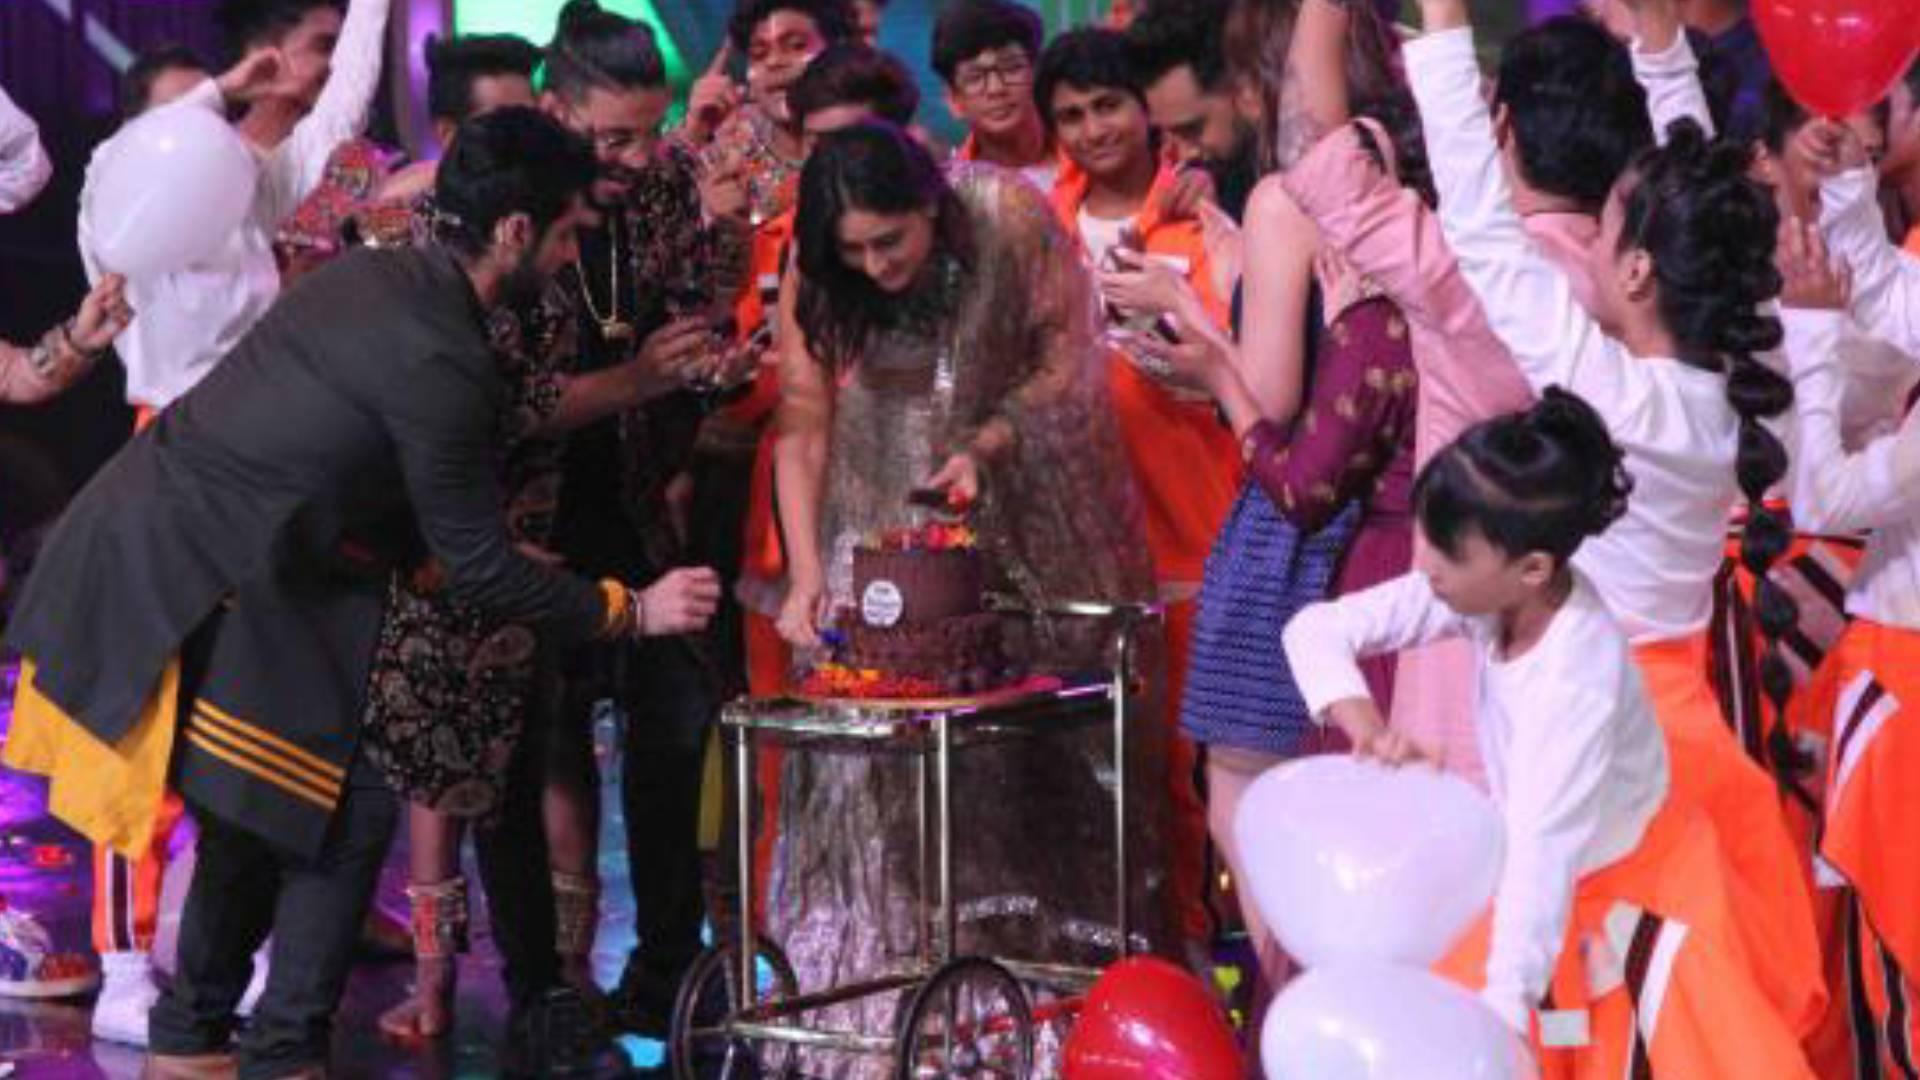 Trending News: DID के मंच पर करीना कपूर का बर्थडे हुआ सेलिब्रेट, मोहसिन खान की हुई तबीयत खराब